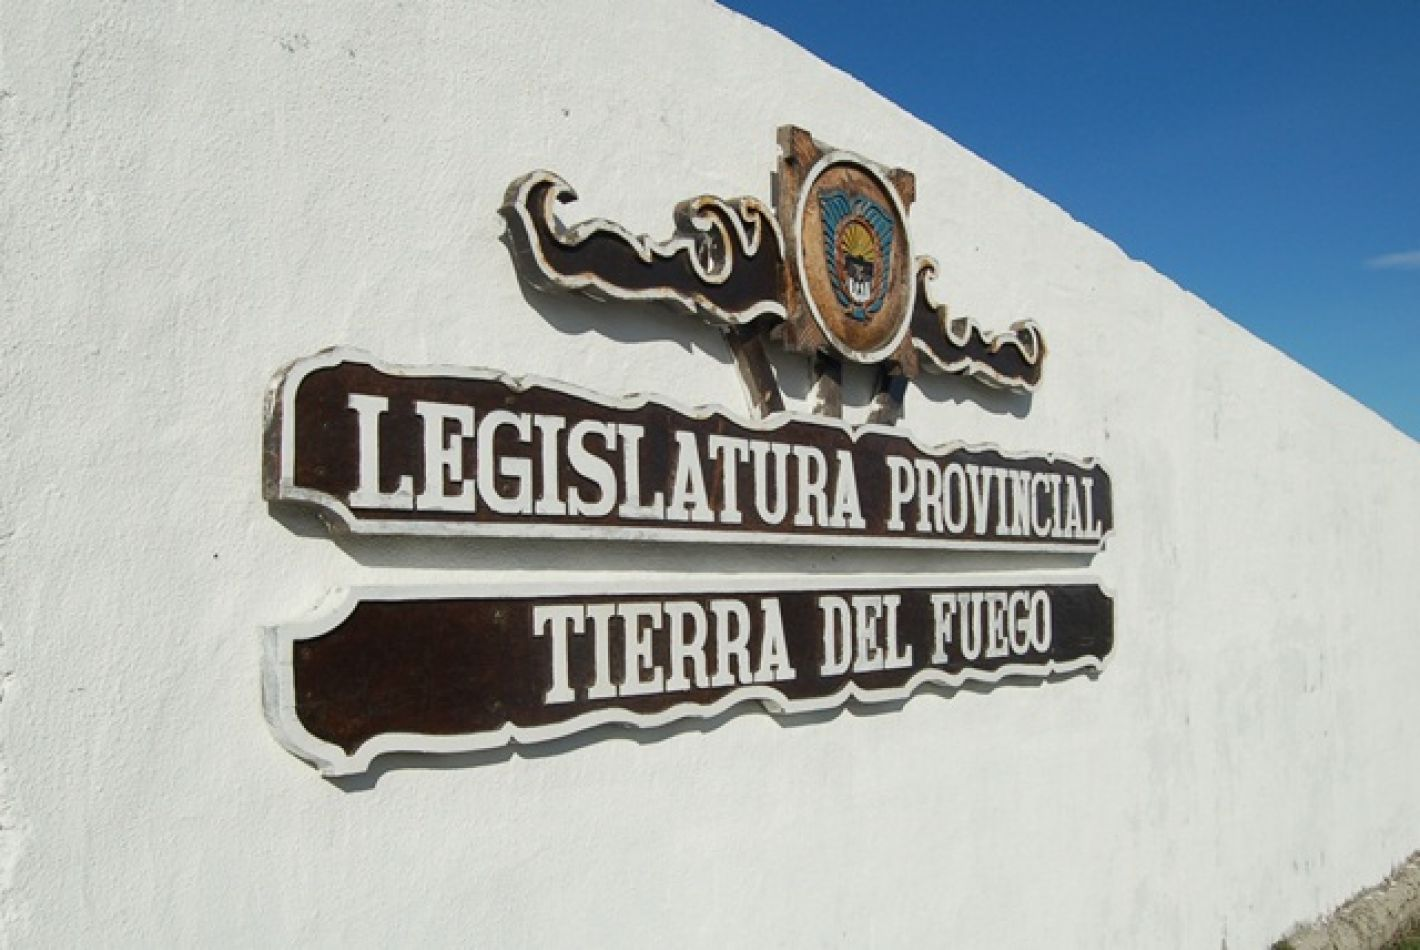 Legislatura Provincial